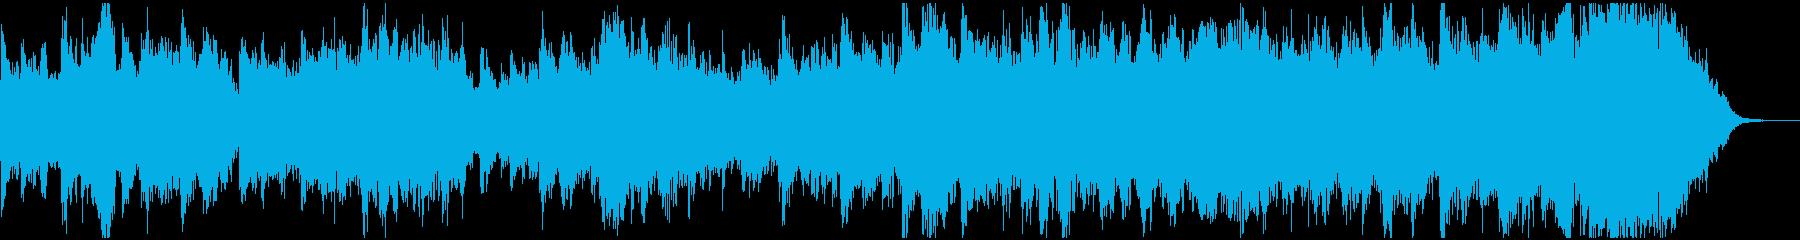 ホリデーサウンドトラックは、ロマン...の再生済みの波形